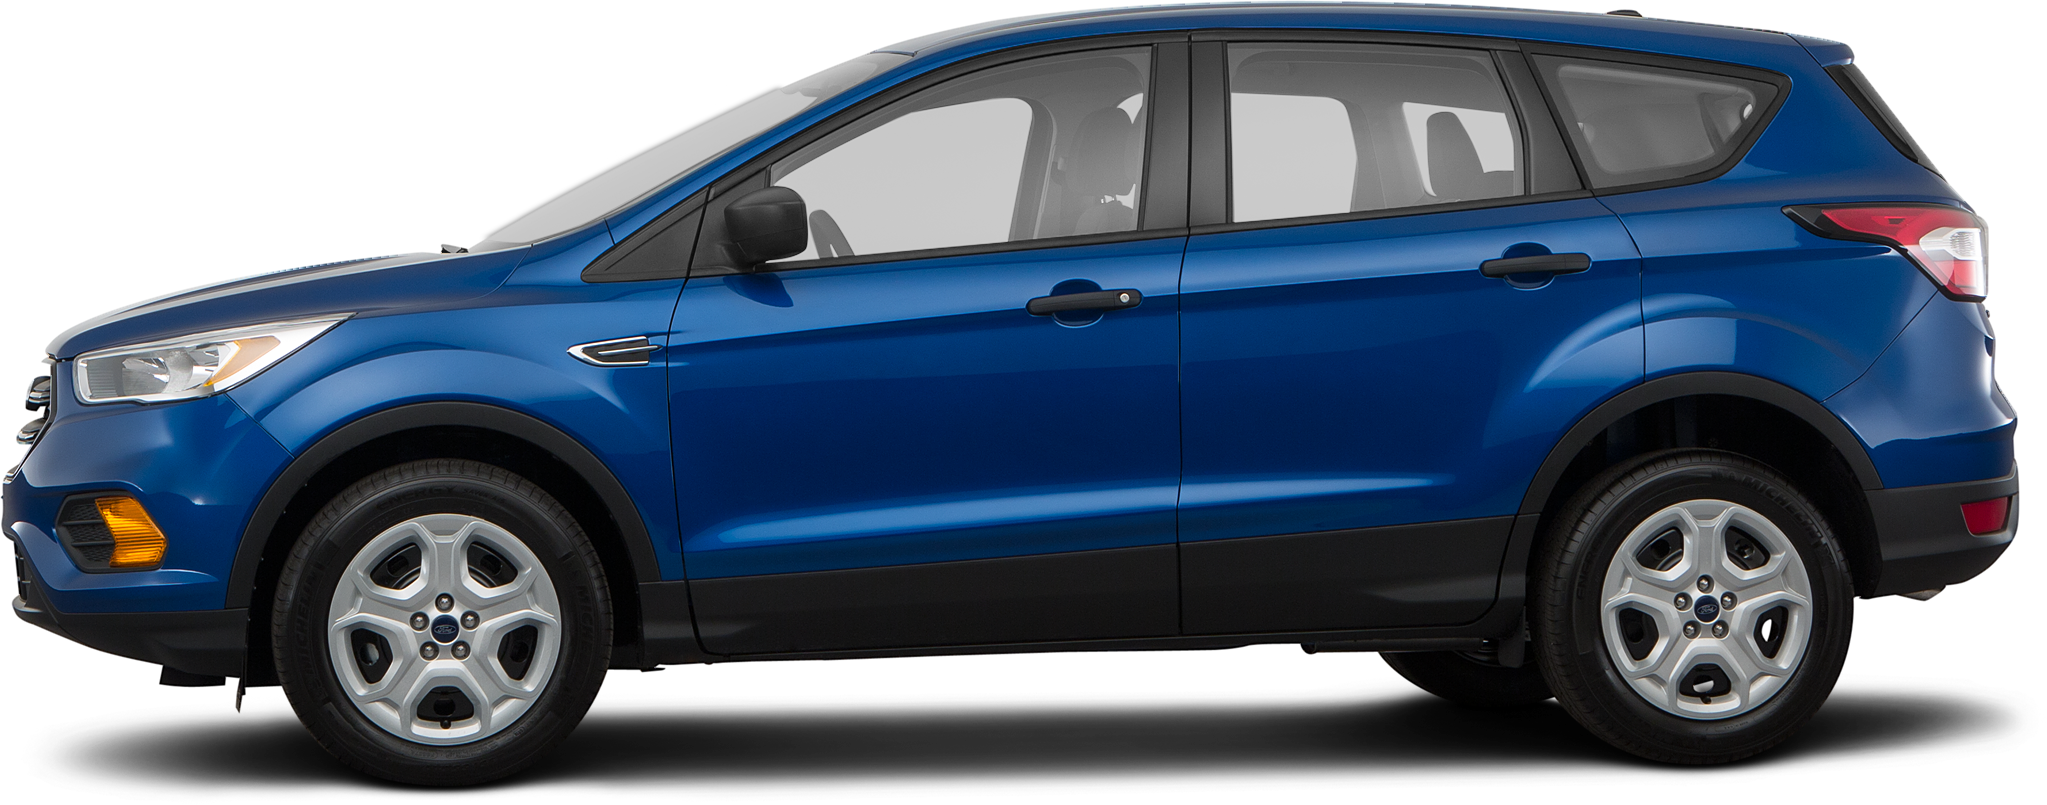 2019 Ford Escape SUV S